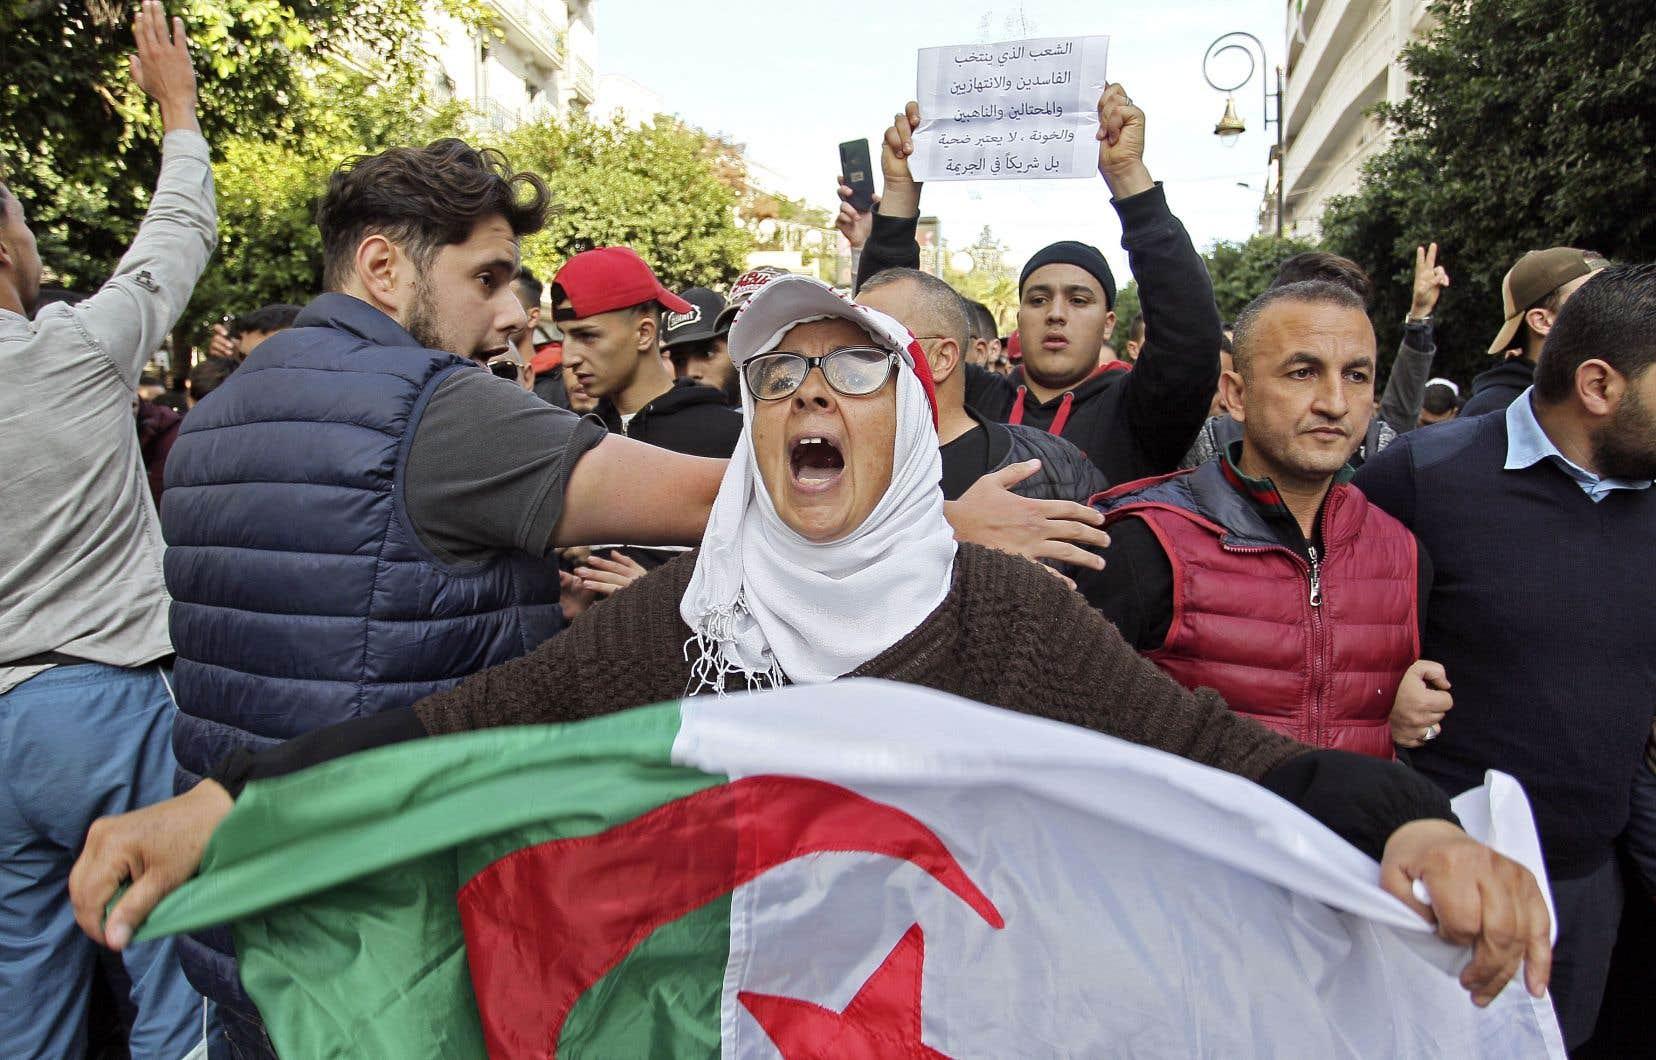 Une femme a pris part à une manifestation antigouvernementale en tendant un drapeau algérien et en criant des slogans à Alger, jeudi.